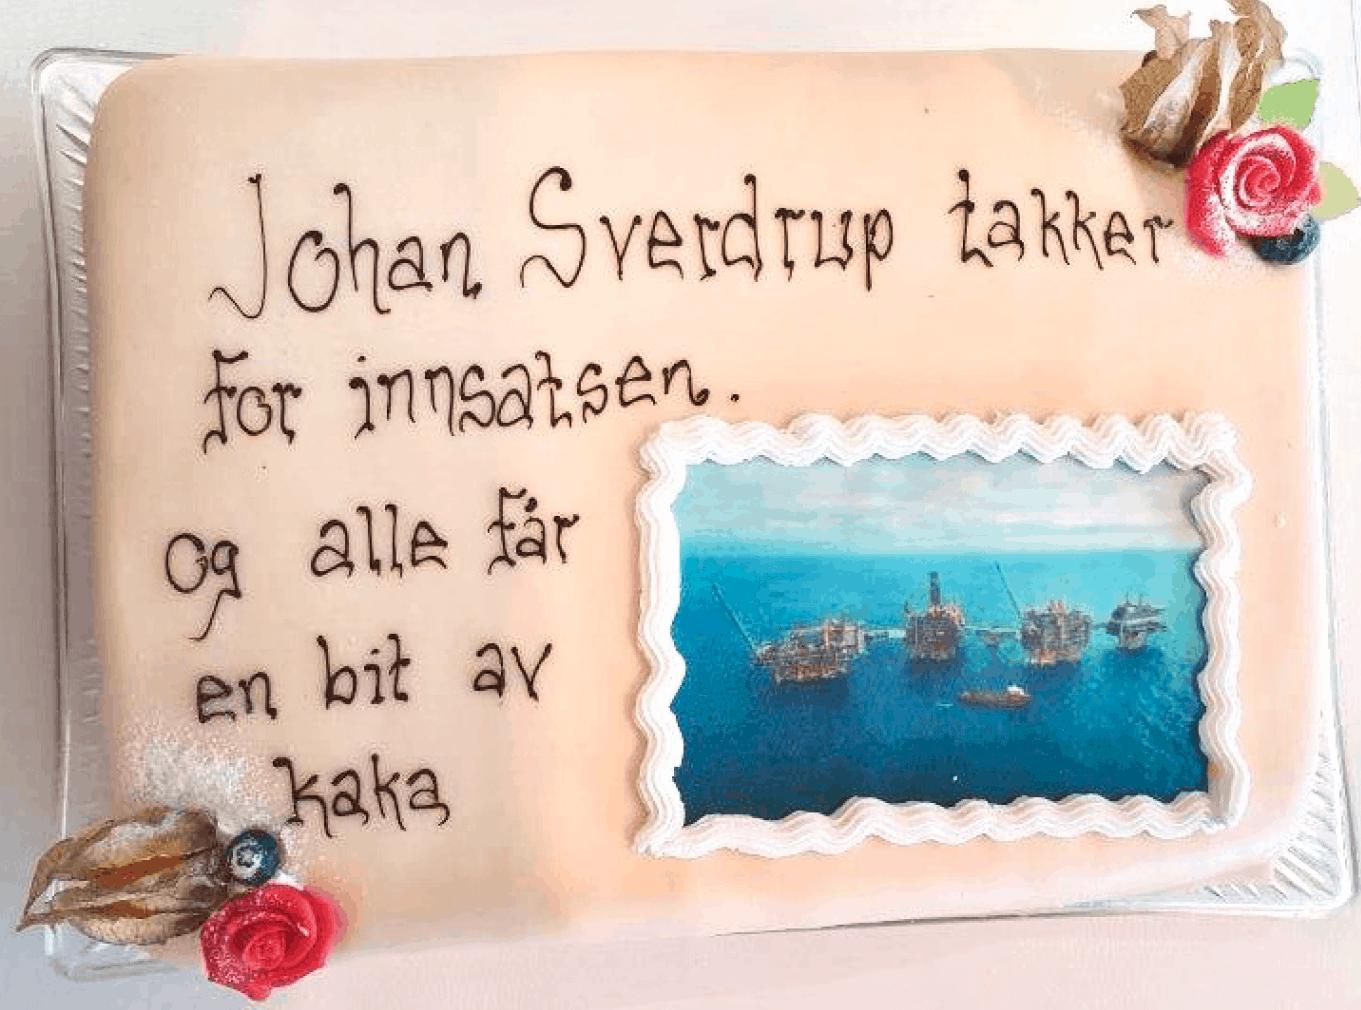 FEIRET JOHAN SVERDRUP MED KAKE